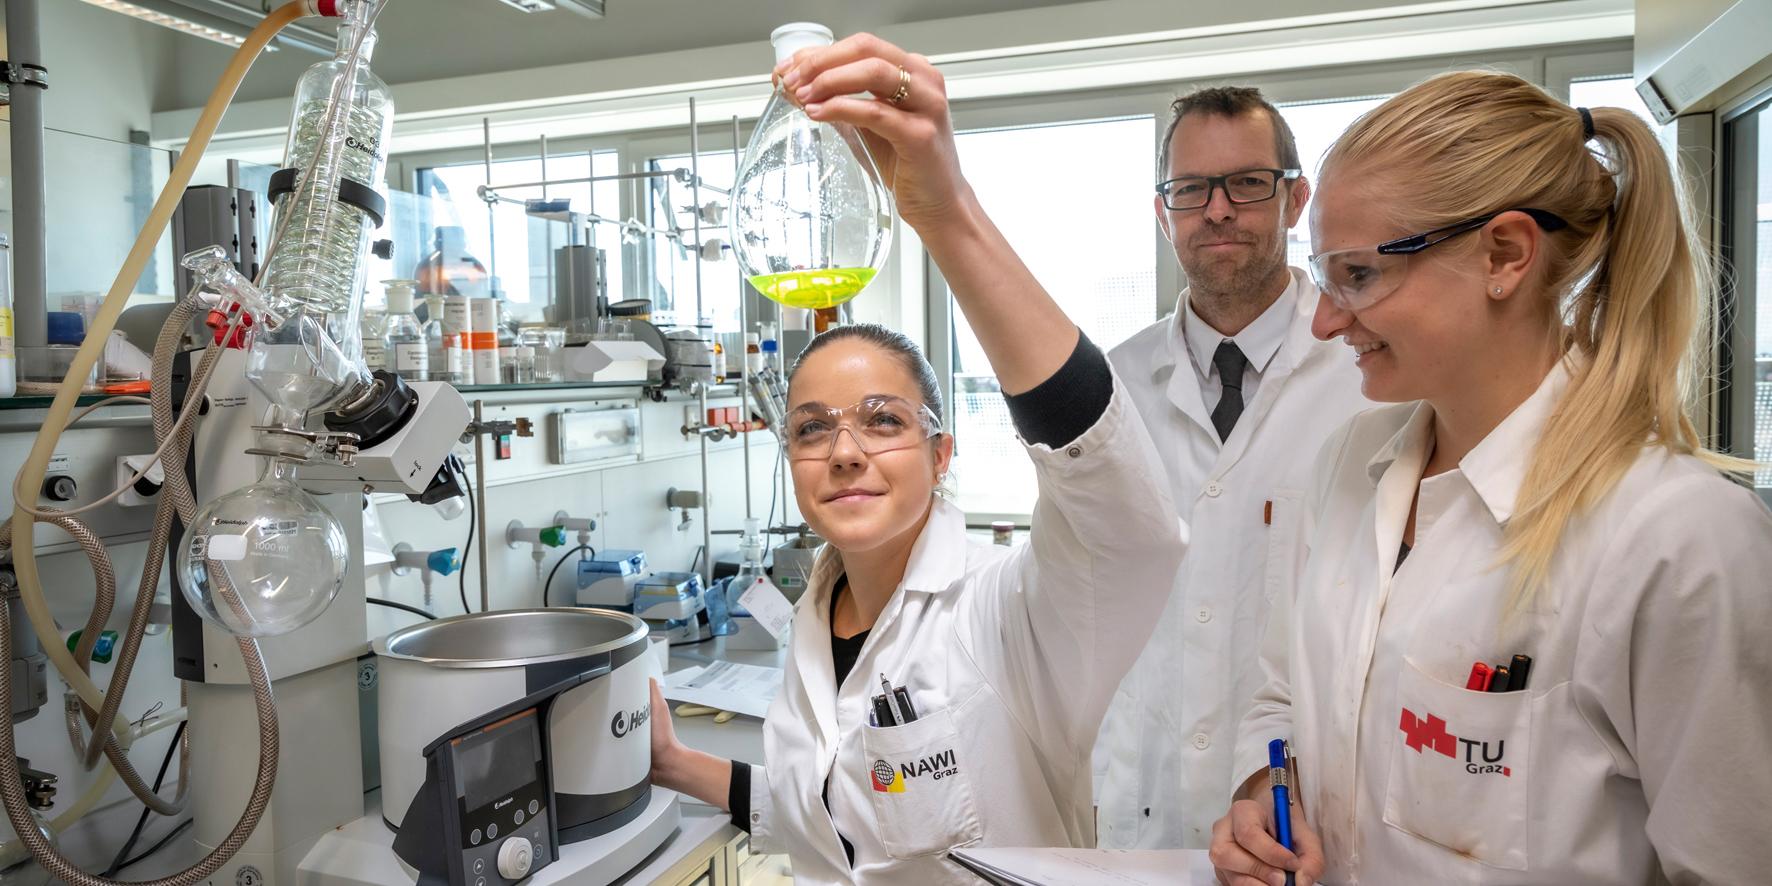 Christian Slugovc im Labor mit Kolleginnen